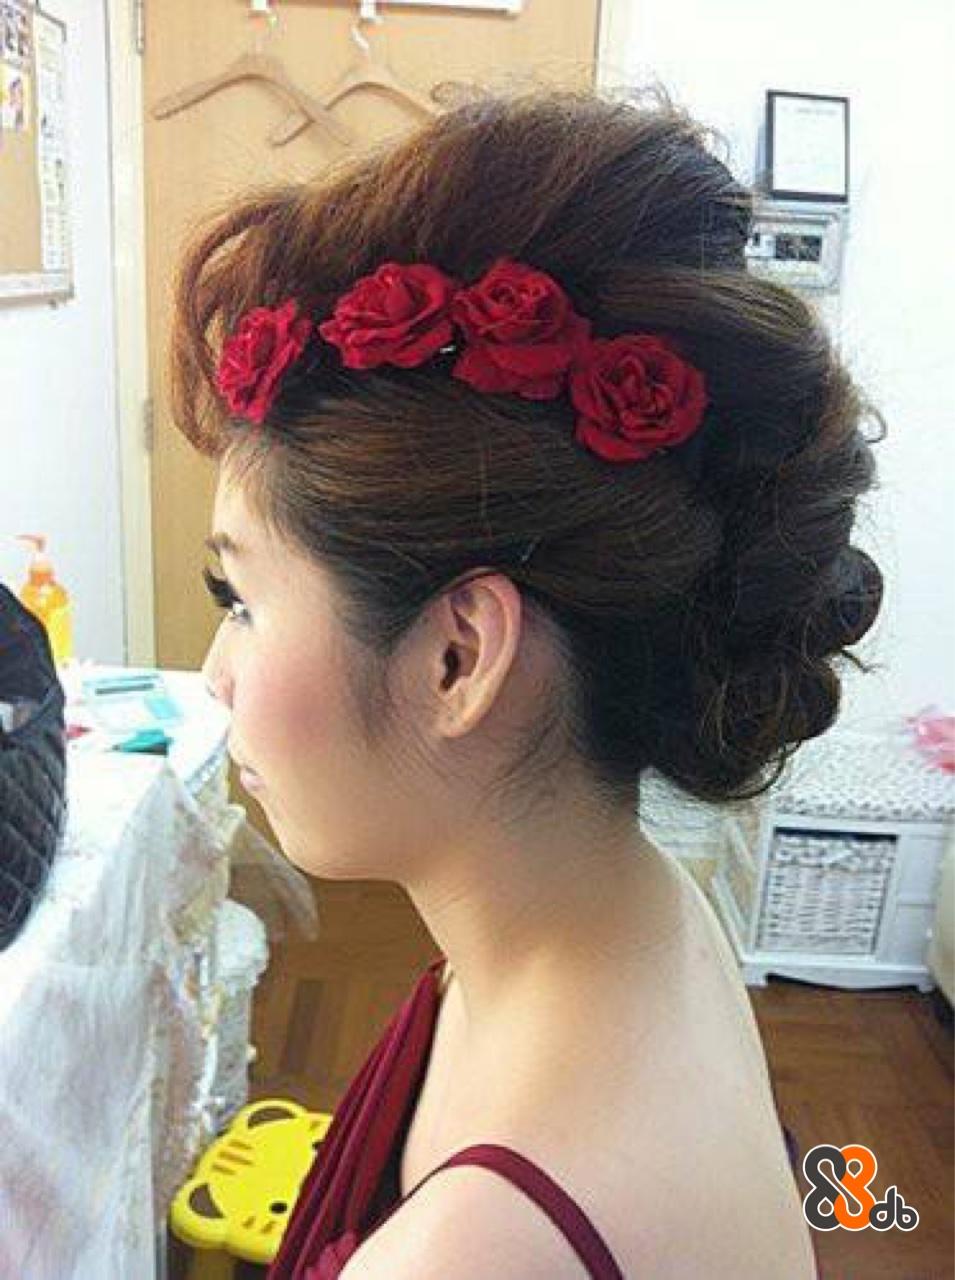 Hair,Hairstyle,Chignon,Forehead,Bun